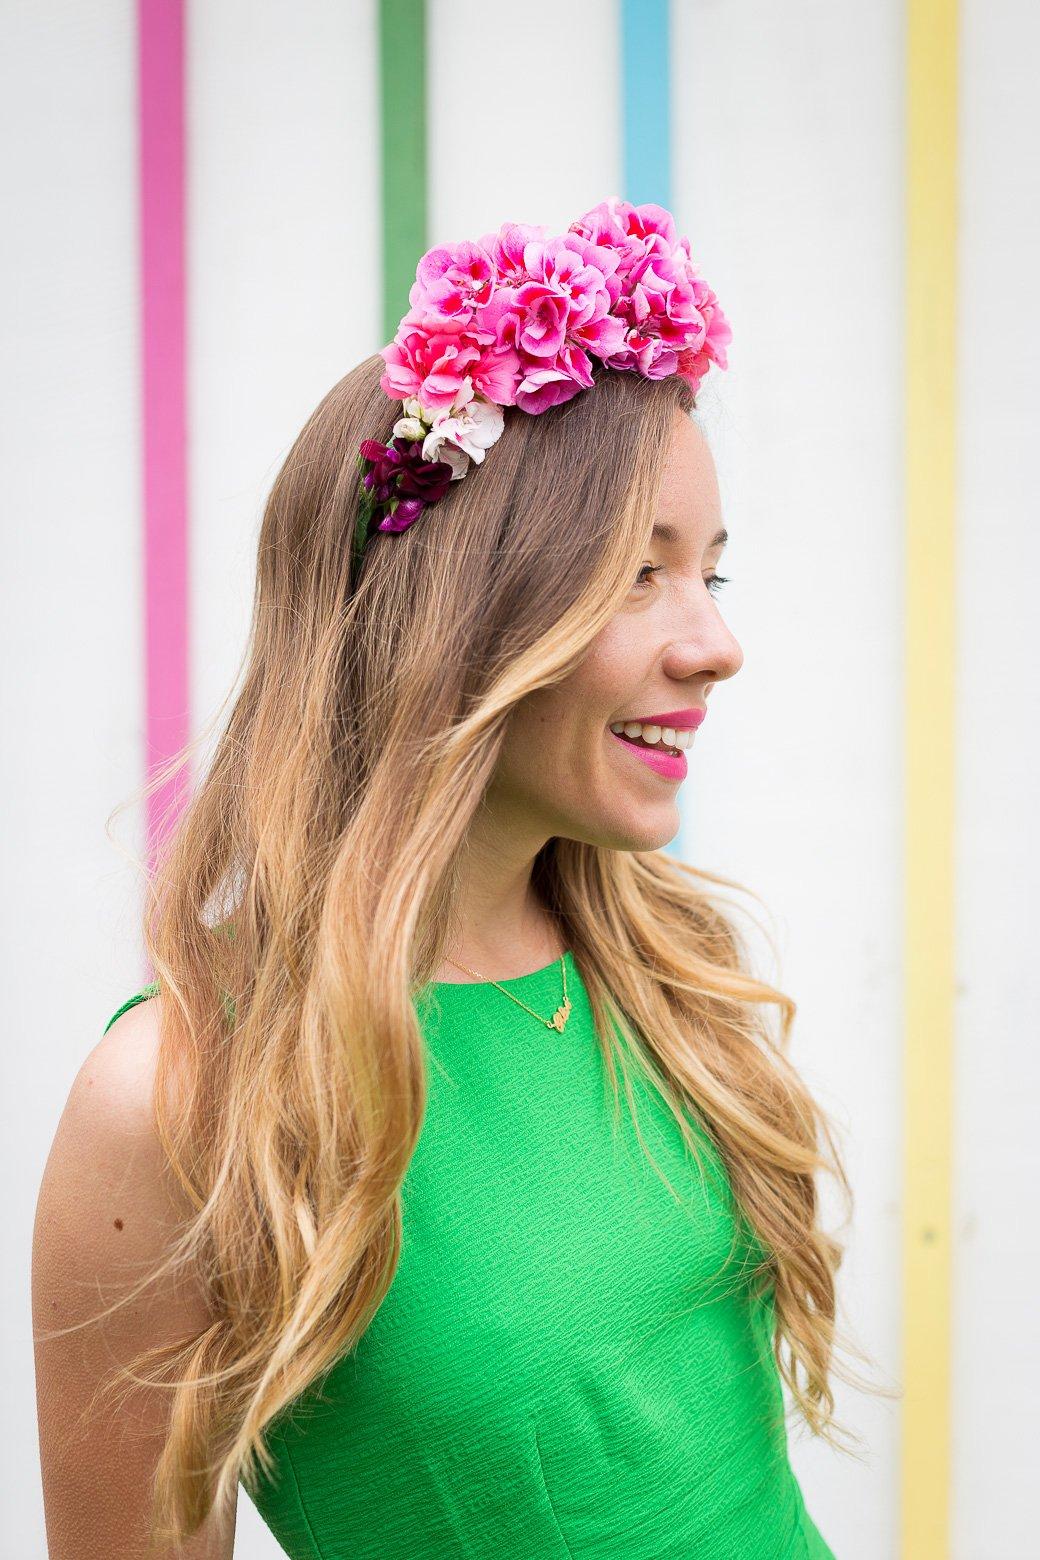 Comment porter headband fleurs